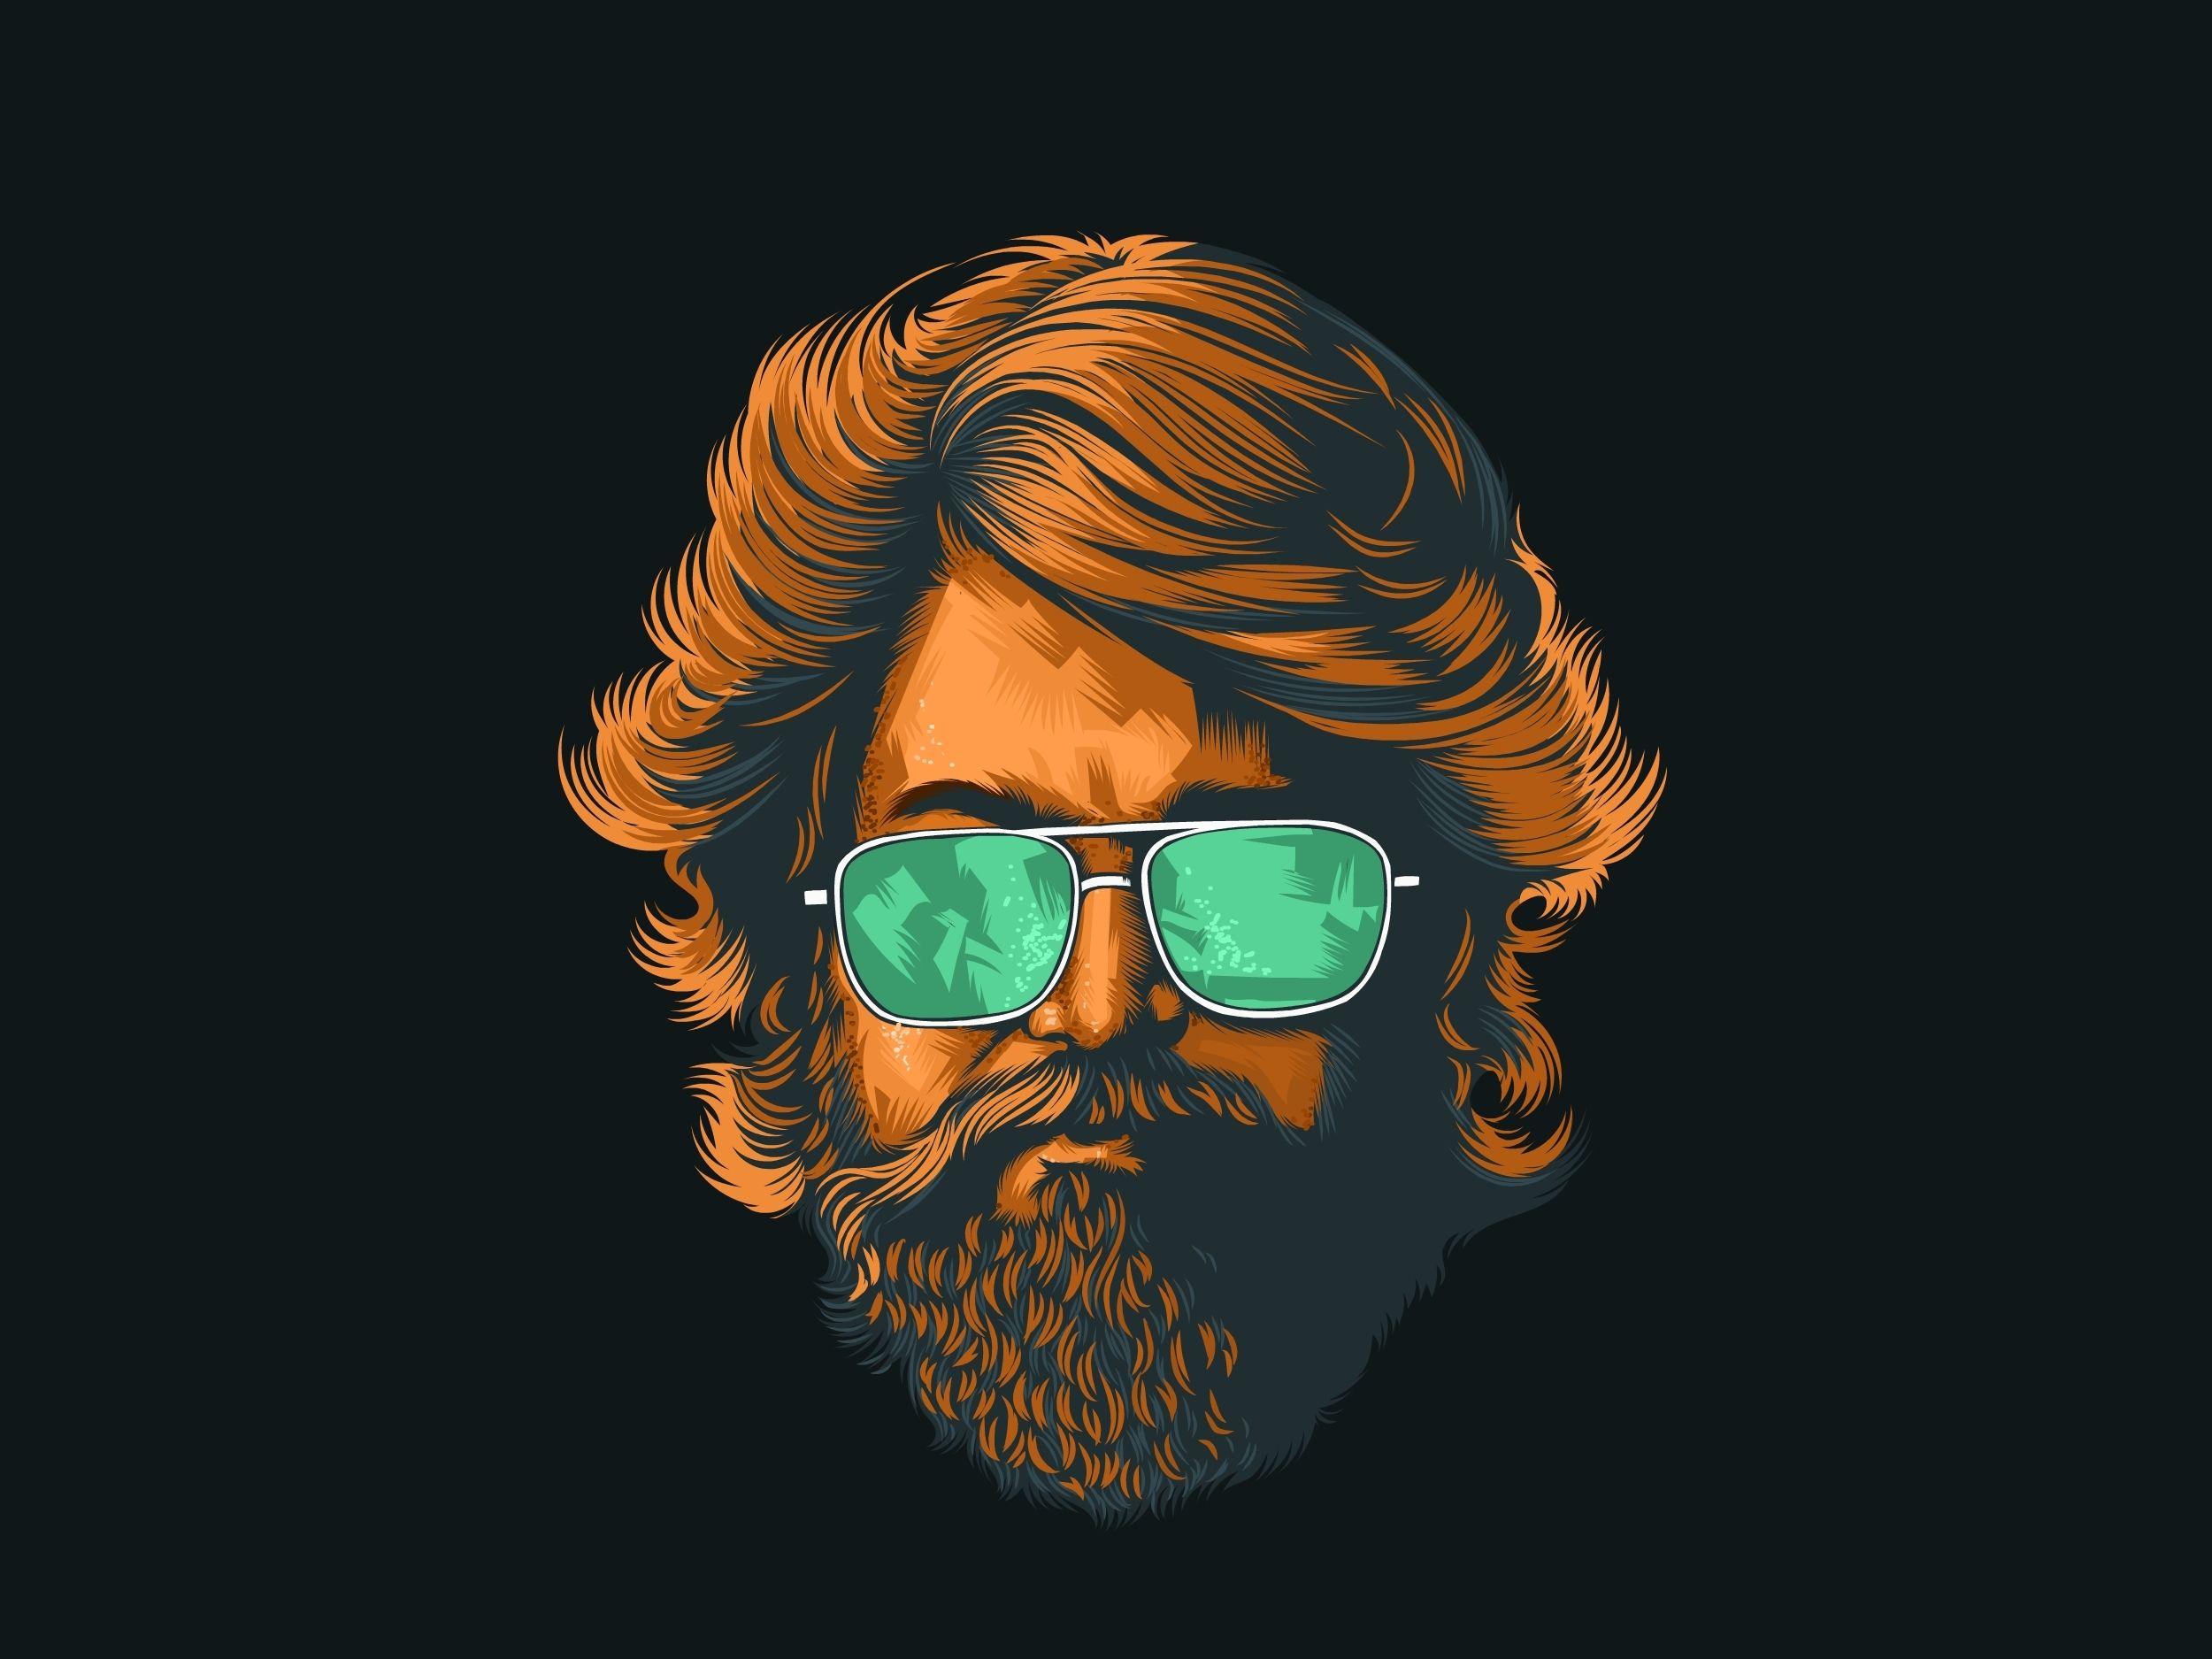 Kgf In 2019 Art Sketches Beard Art Illustration Art